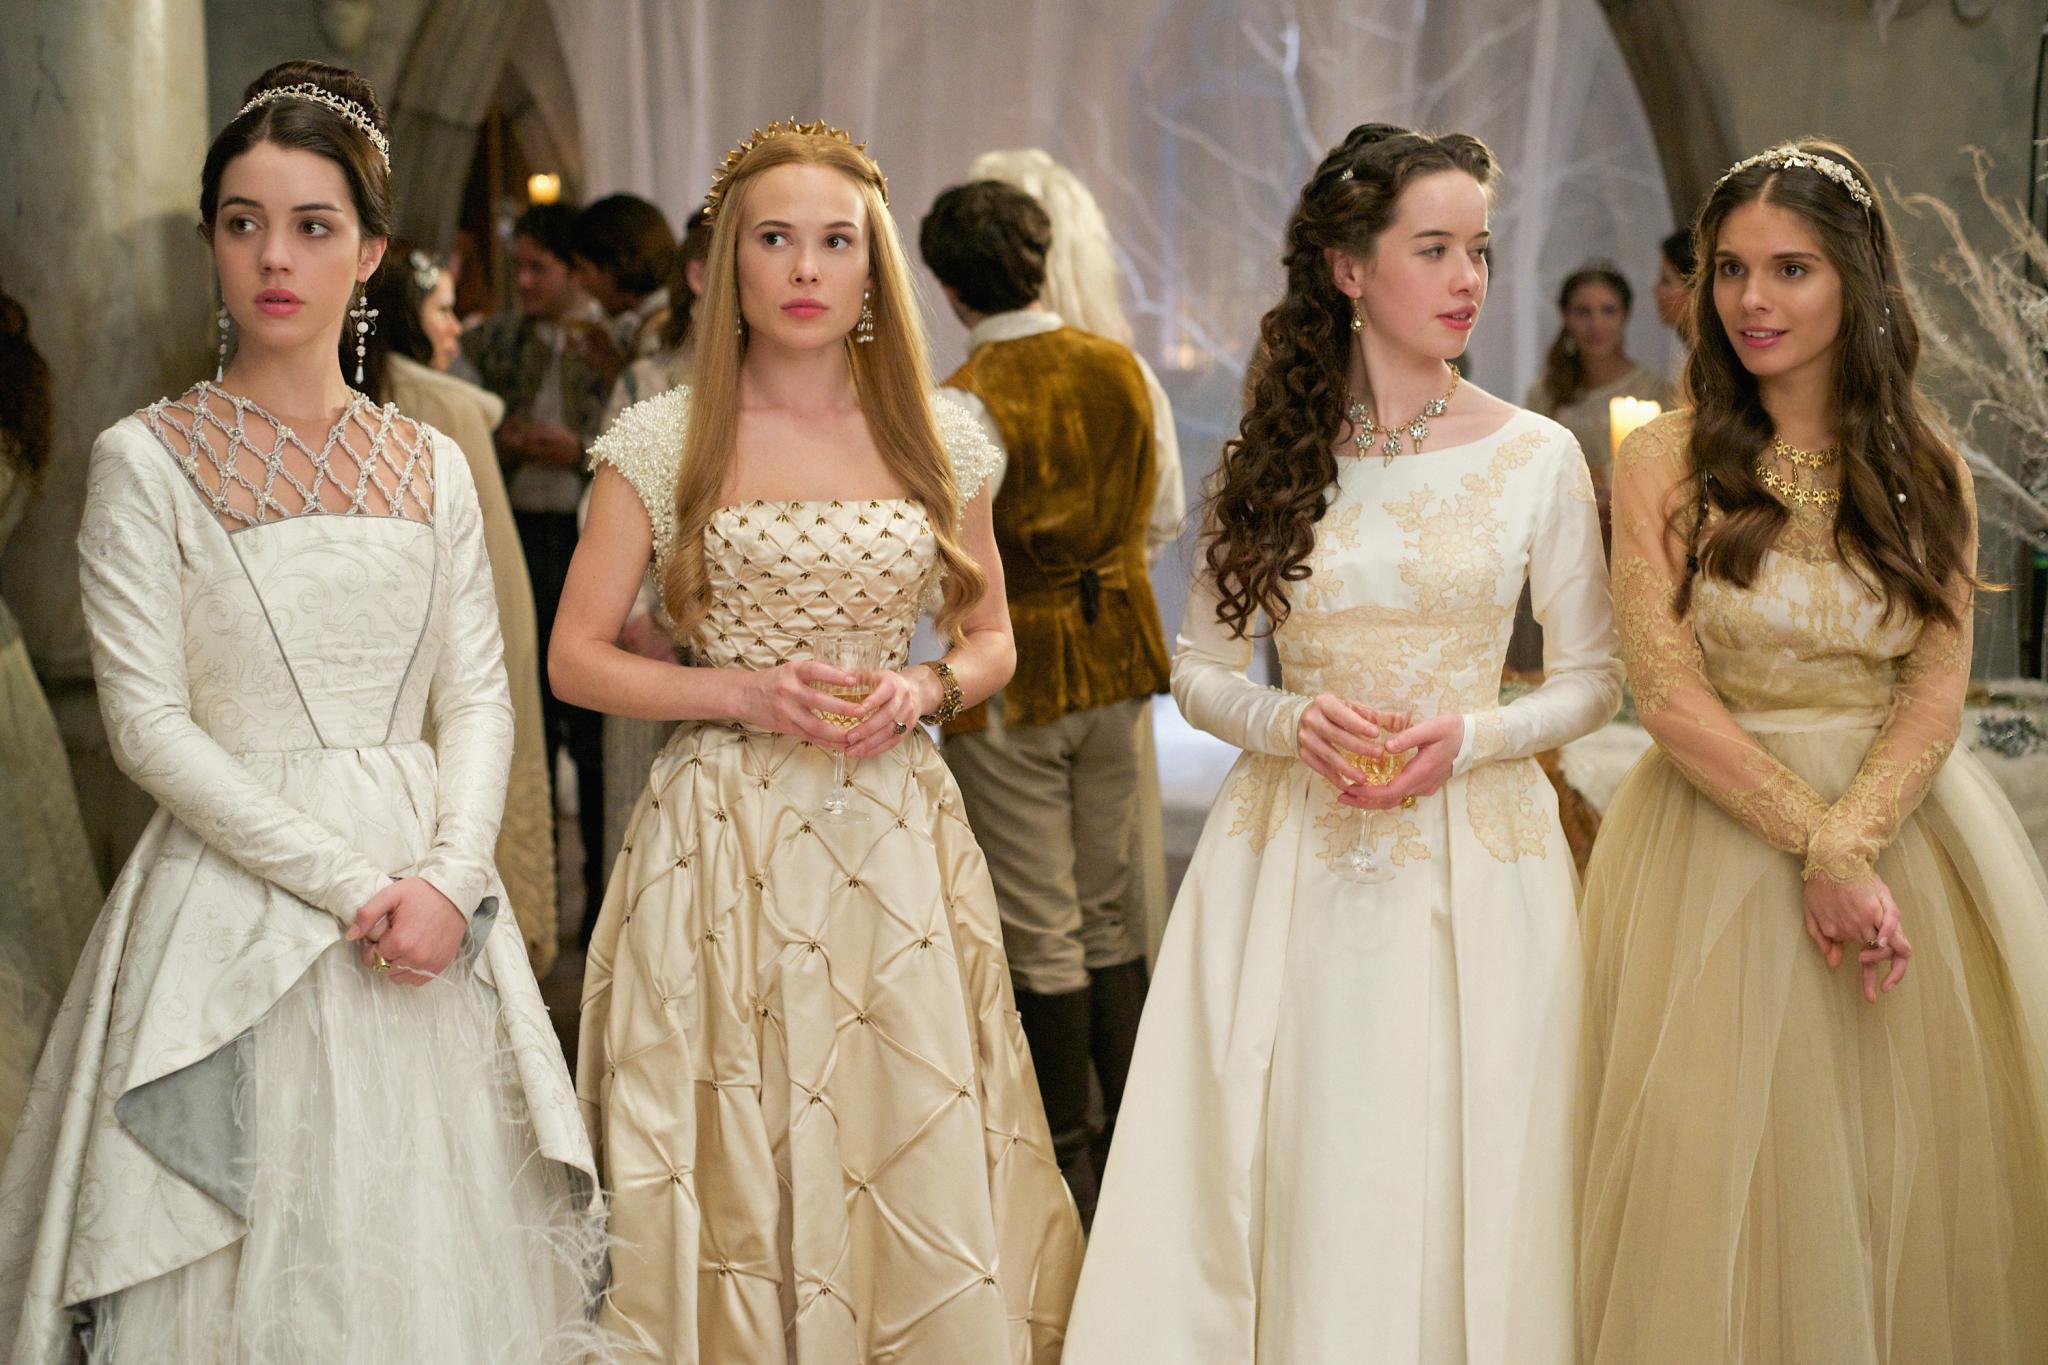 Girlgroup Royal: Königin Mary Stuart (Adelaide Kane) und ihre Hofdamen Greer (Celina Sinden), Lola (Anna Popplewell) und Kenna (Caitlin Stasey).